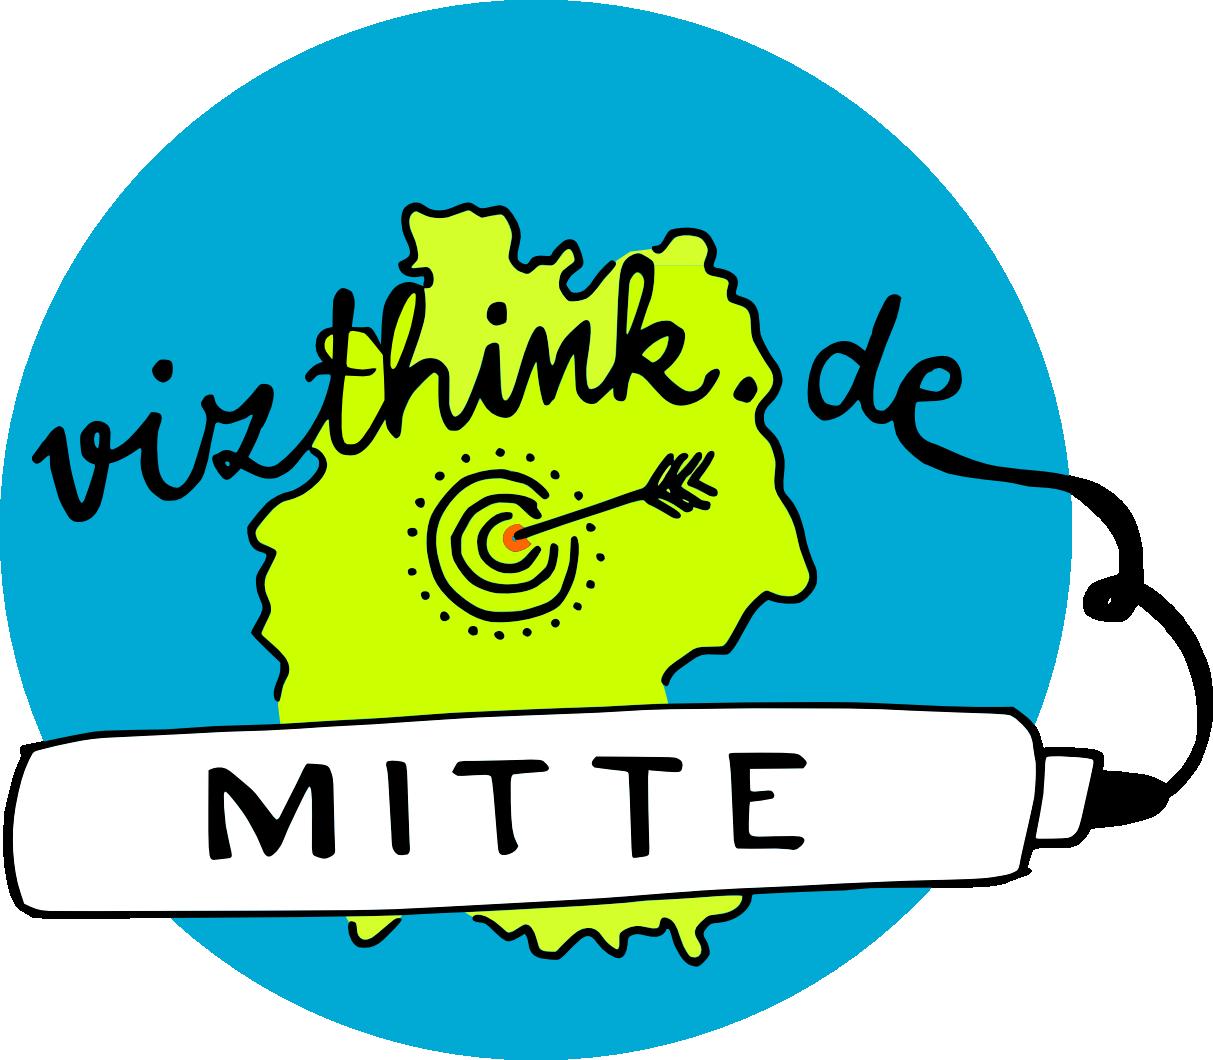 vizthink_mitte_logo